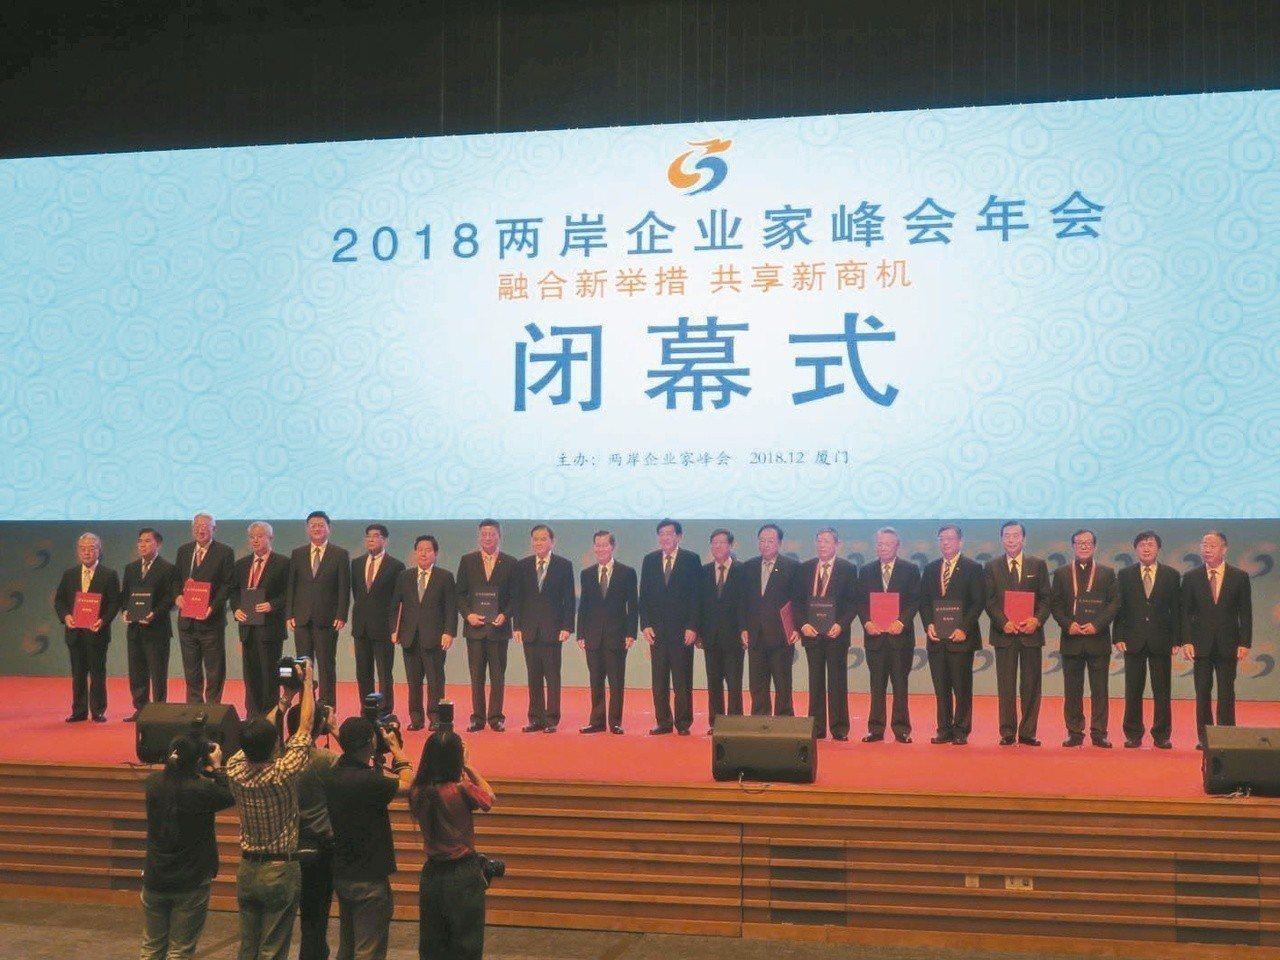 「2018兩岸企業家峰會年會」5日落幕,兩岸企業共簽署36項合作協議。 特派...